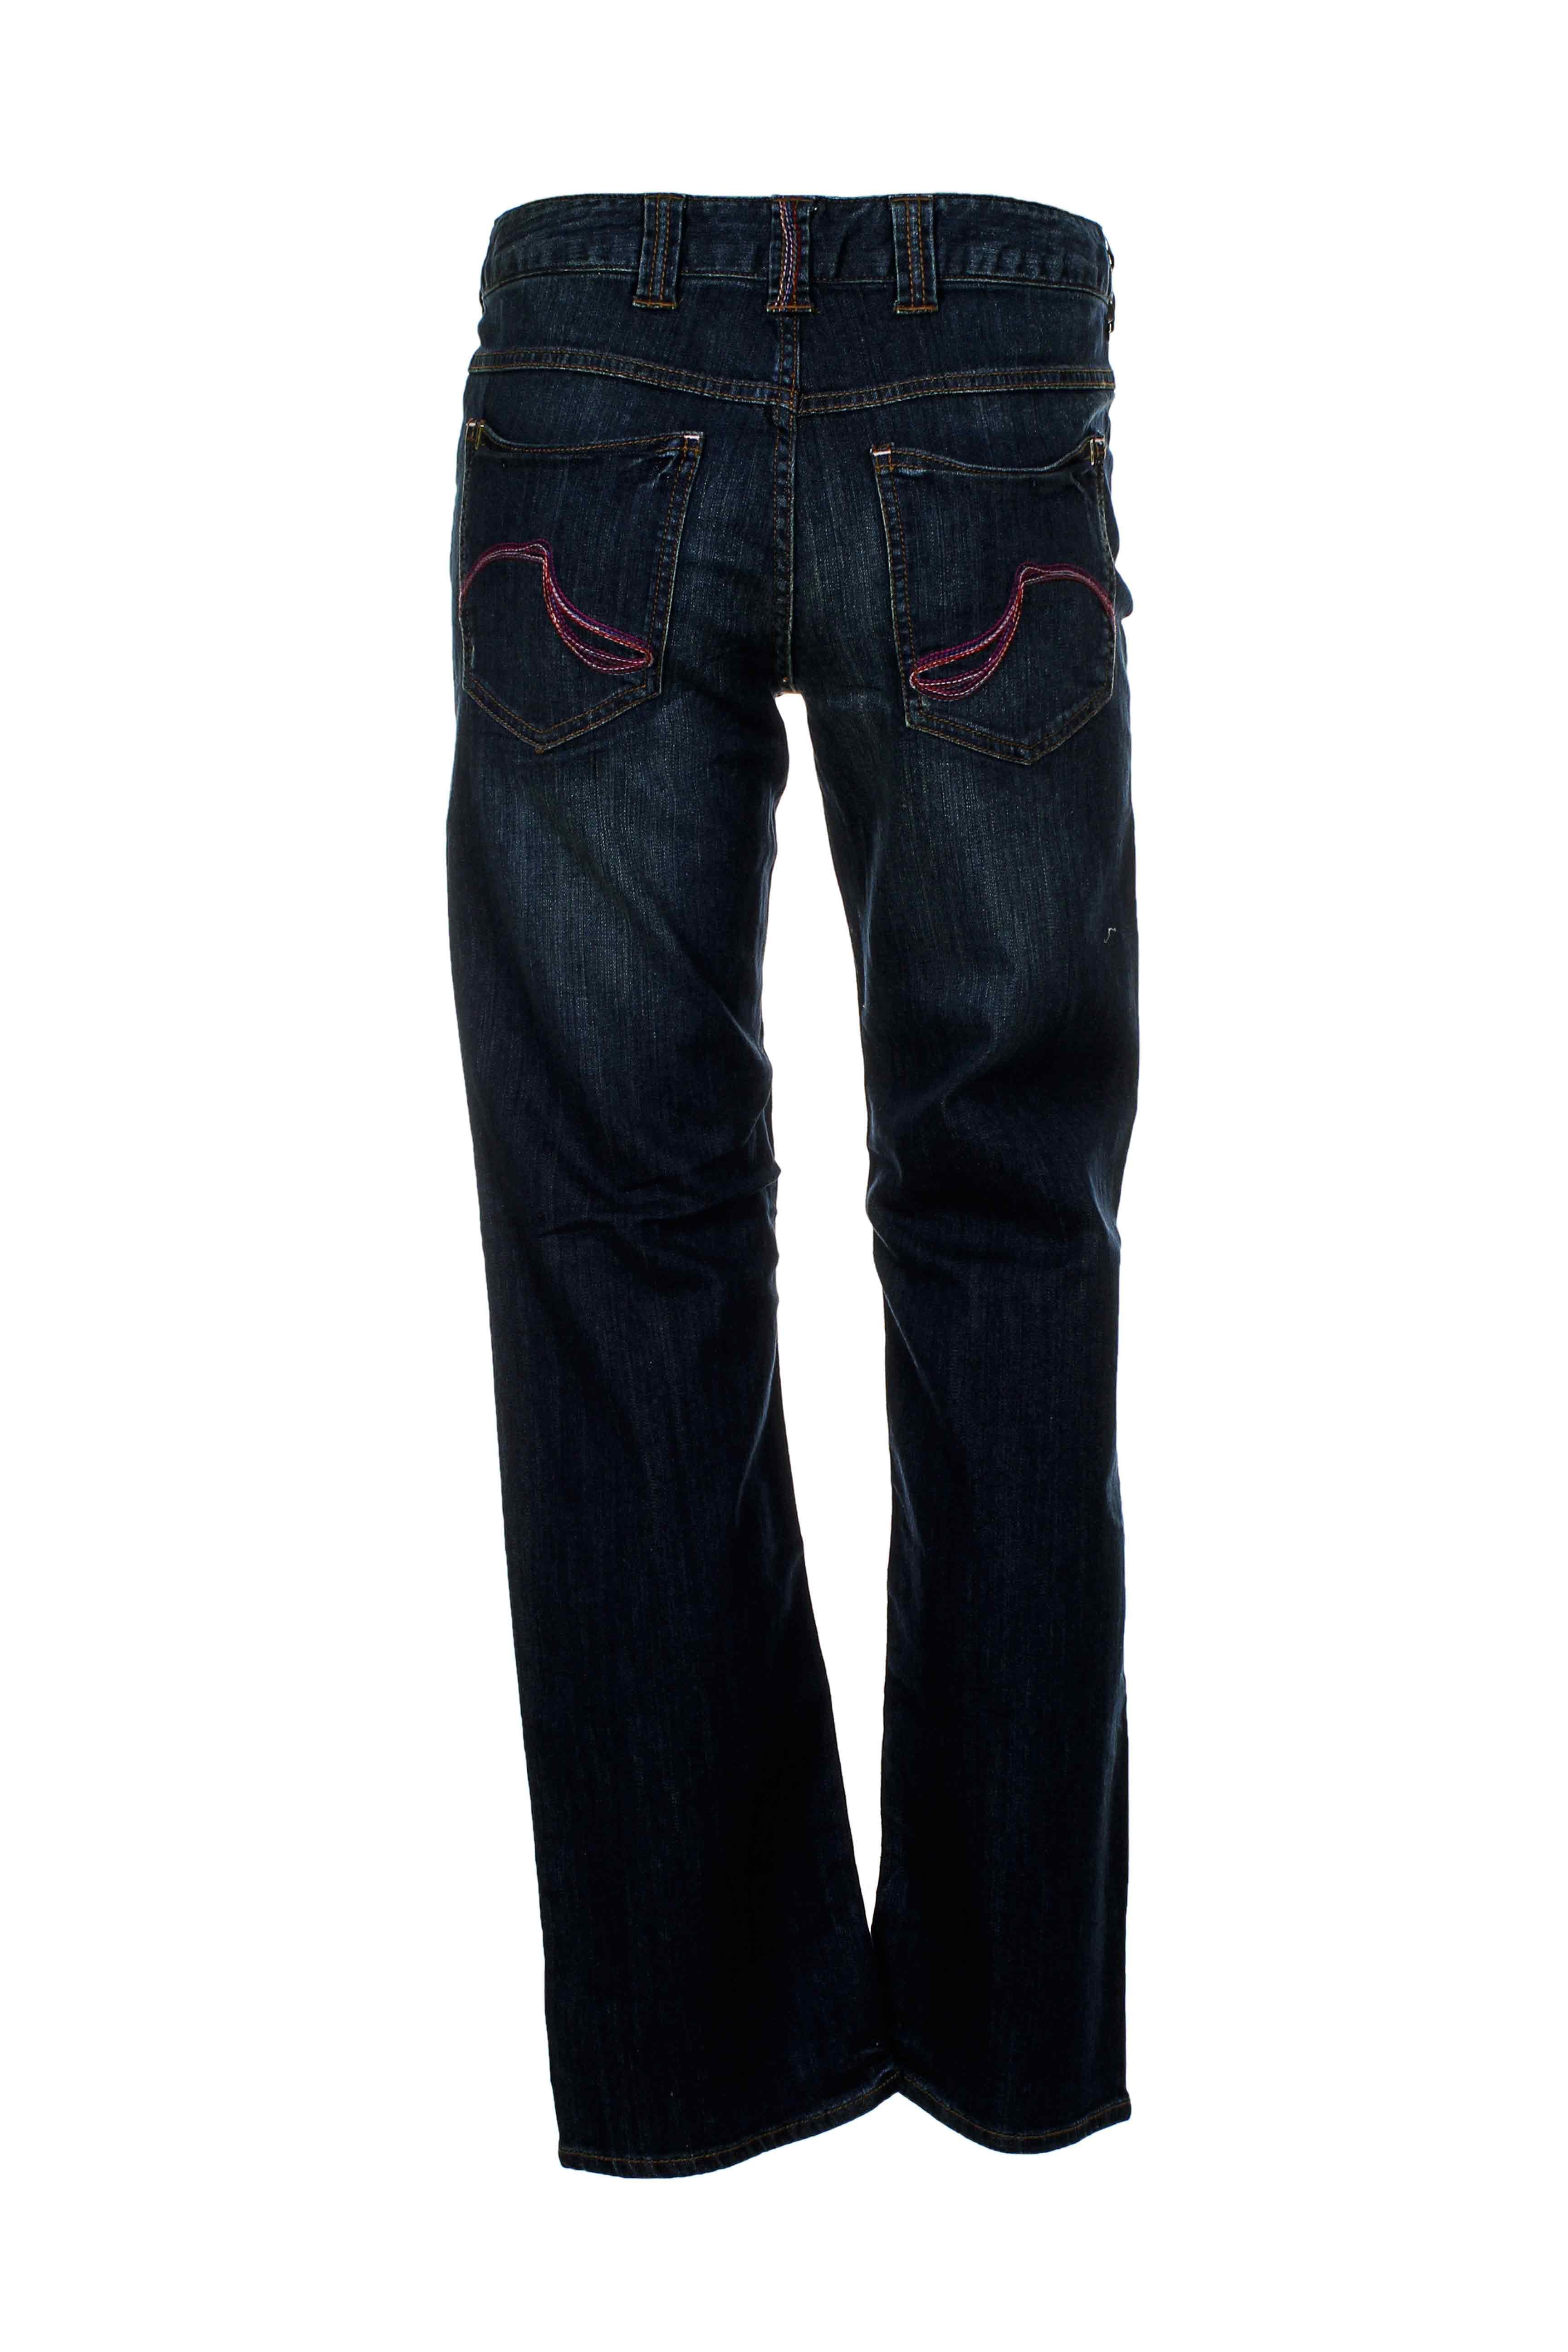 Ddp Jeans Coupe Droite Femme De Couleur Bleu En Soldes Pas Cher 667042-bleu00 - Modz